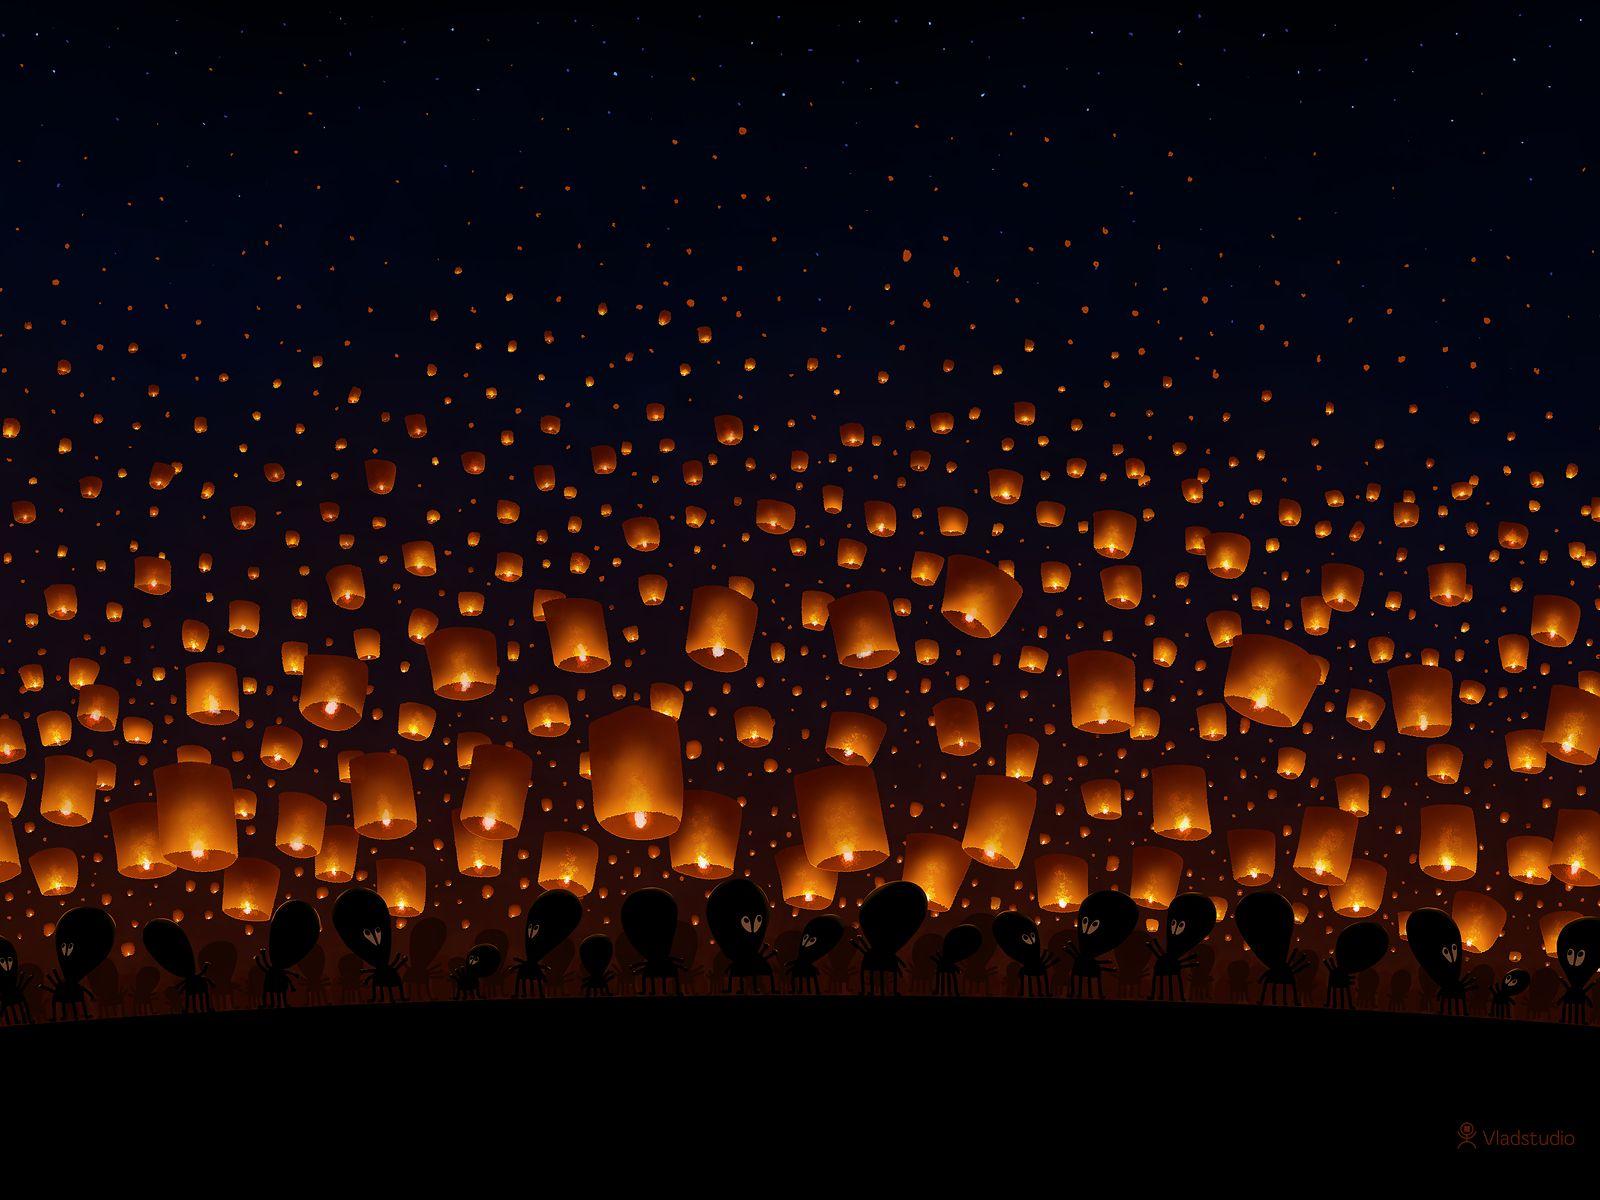 Wonderful Wallpaper Night Lantern - 1629b461d72f629cb61add1917d1b4e3  2018-103224.jpg